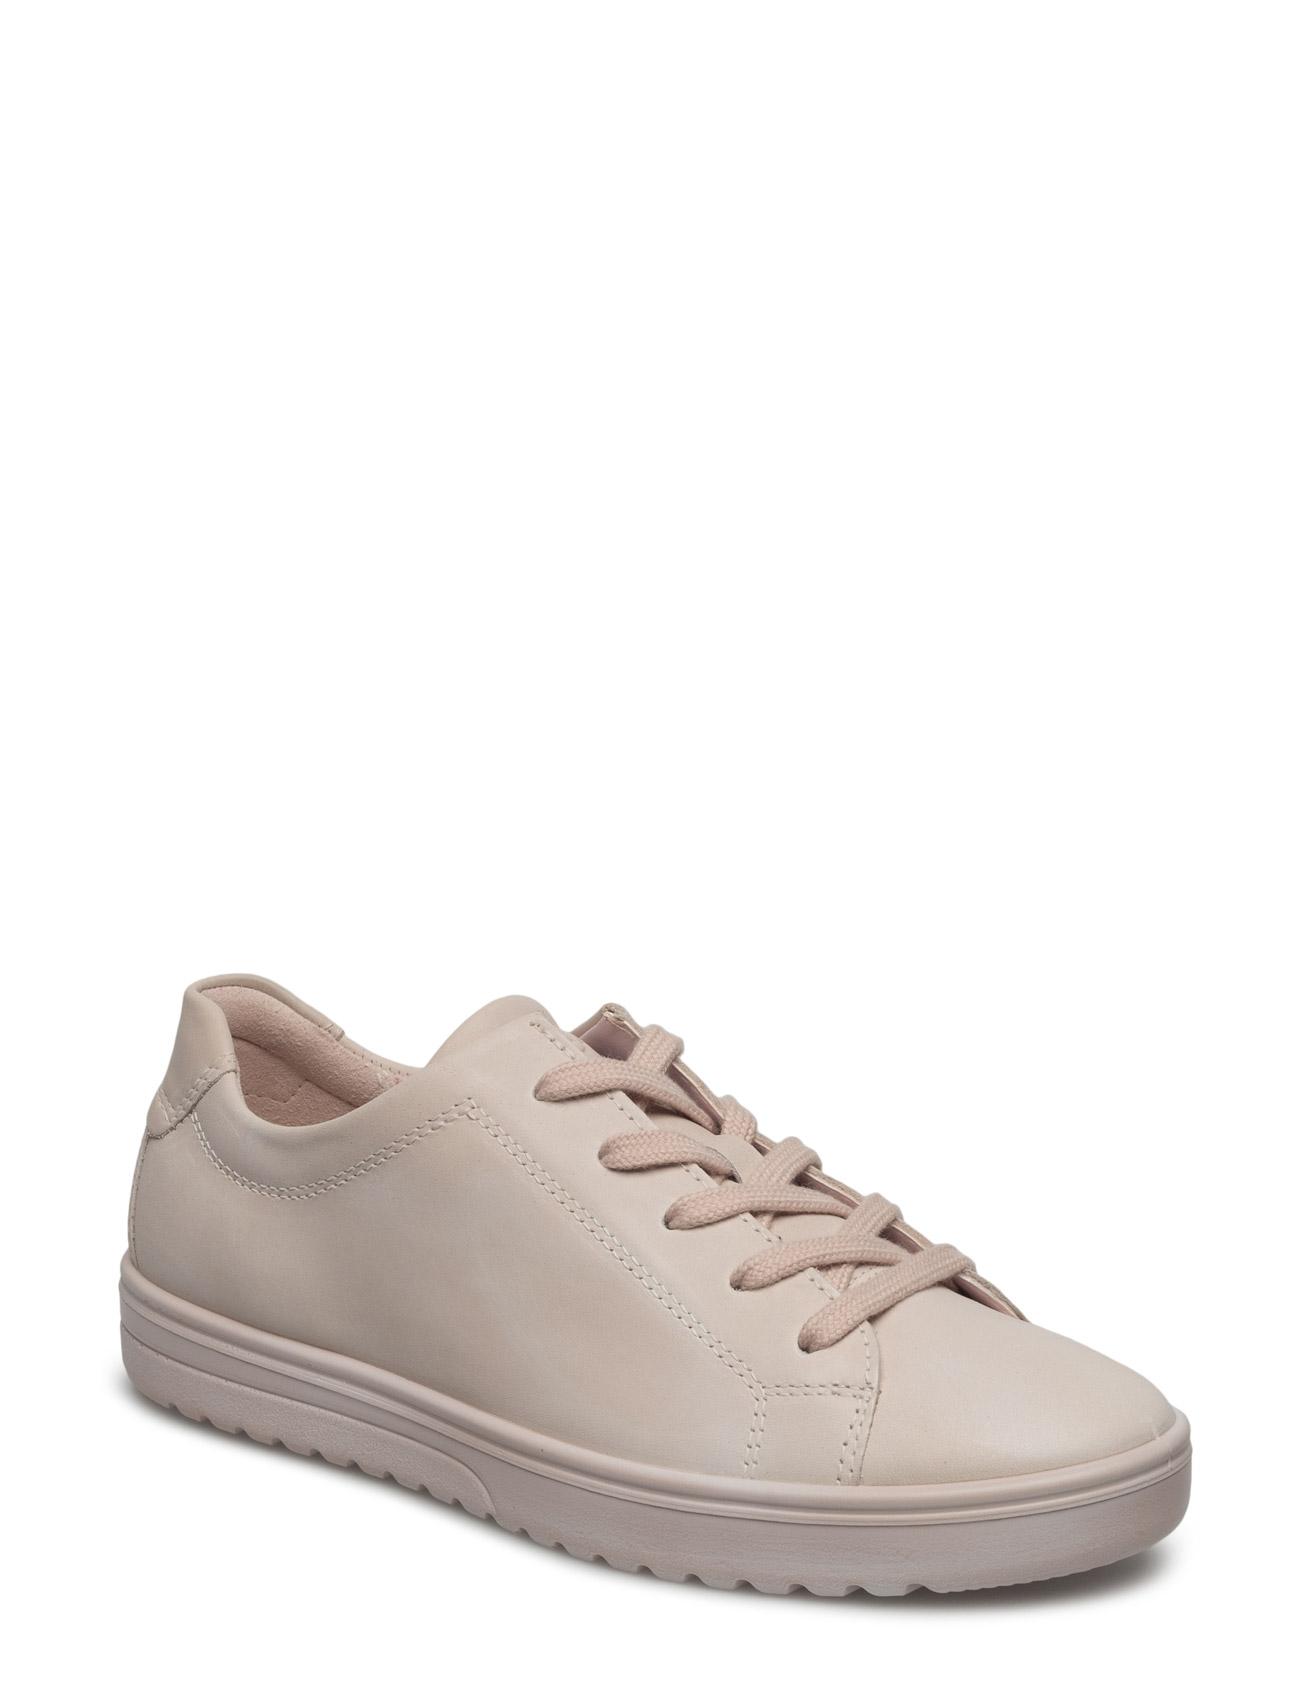 Fara ECCO Sneakers til Damer i Rose Dust